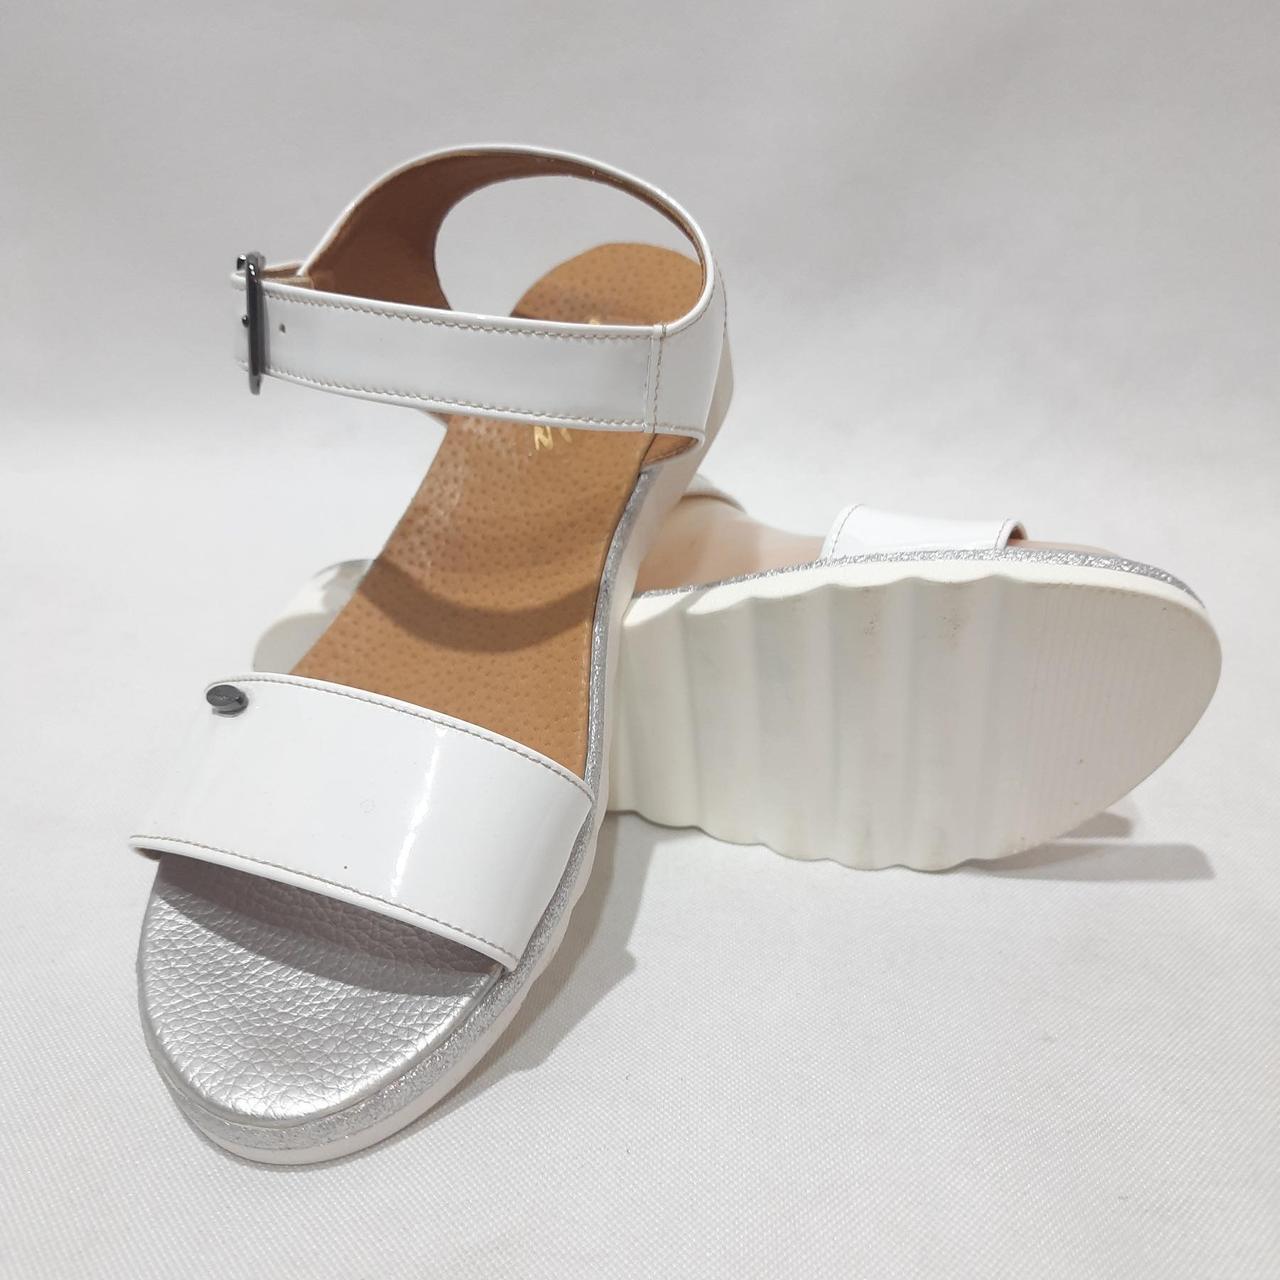 Жіночі босоніжки, літні сандалі шкіряні на ремінці р. 37 39 40 Білі